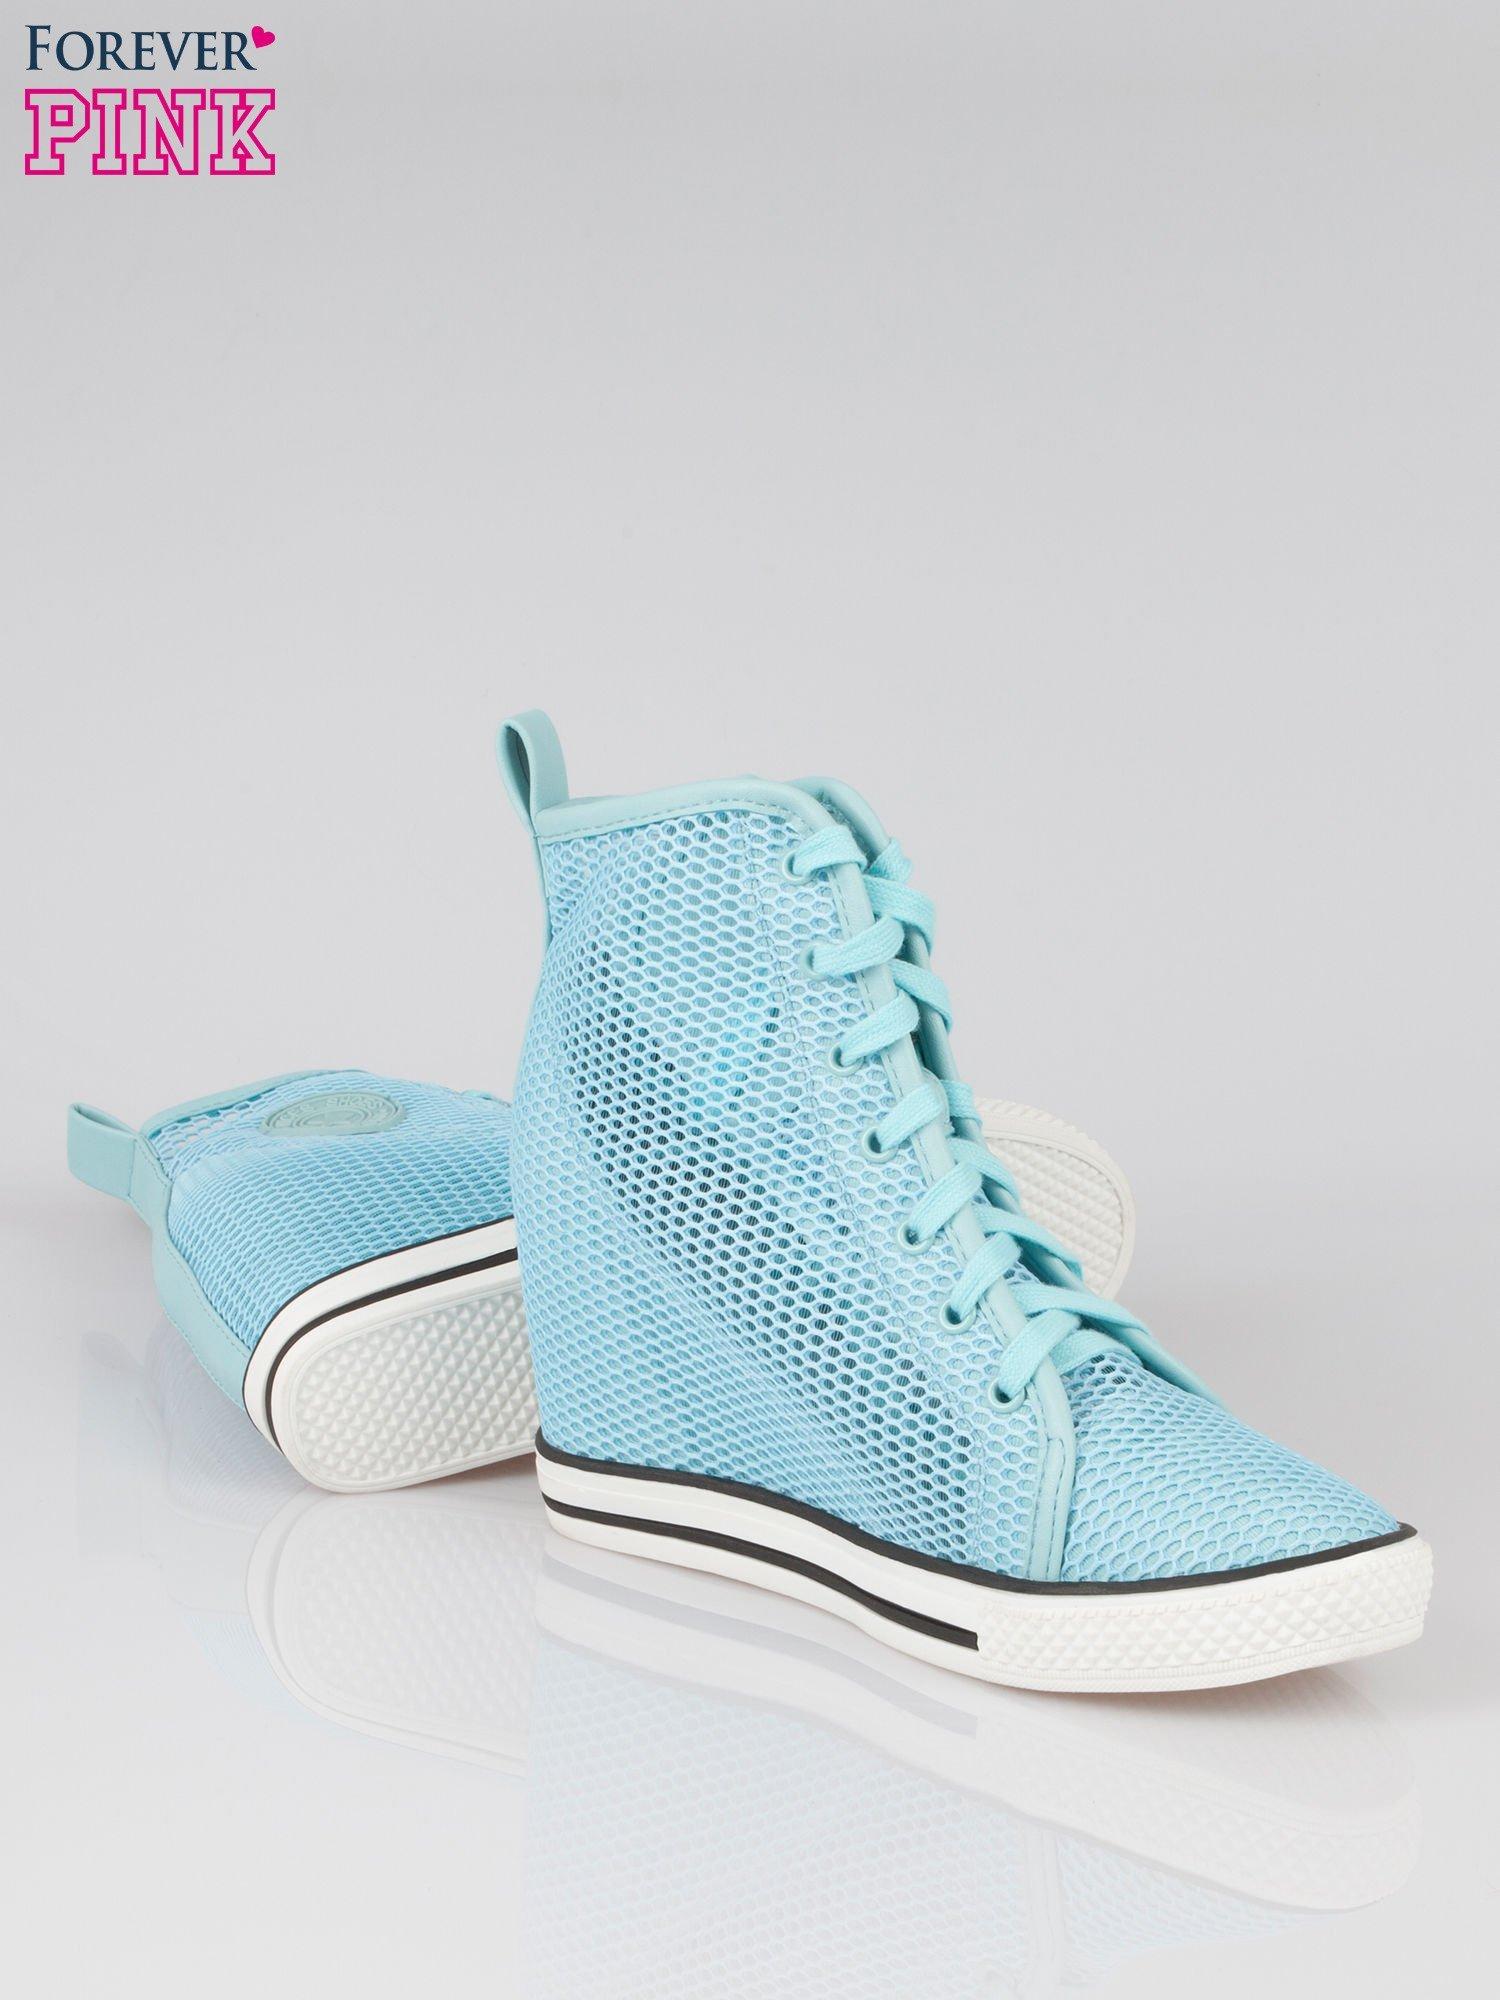 Niebieskie siateczkowe sneakersy damskie                                  zdj.                                  4